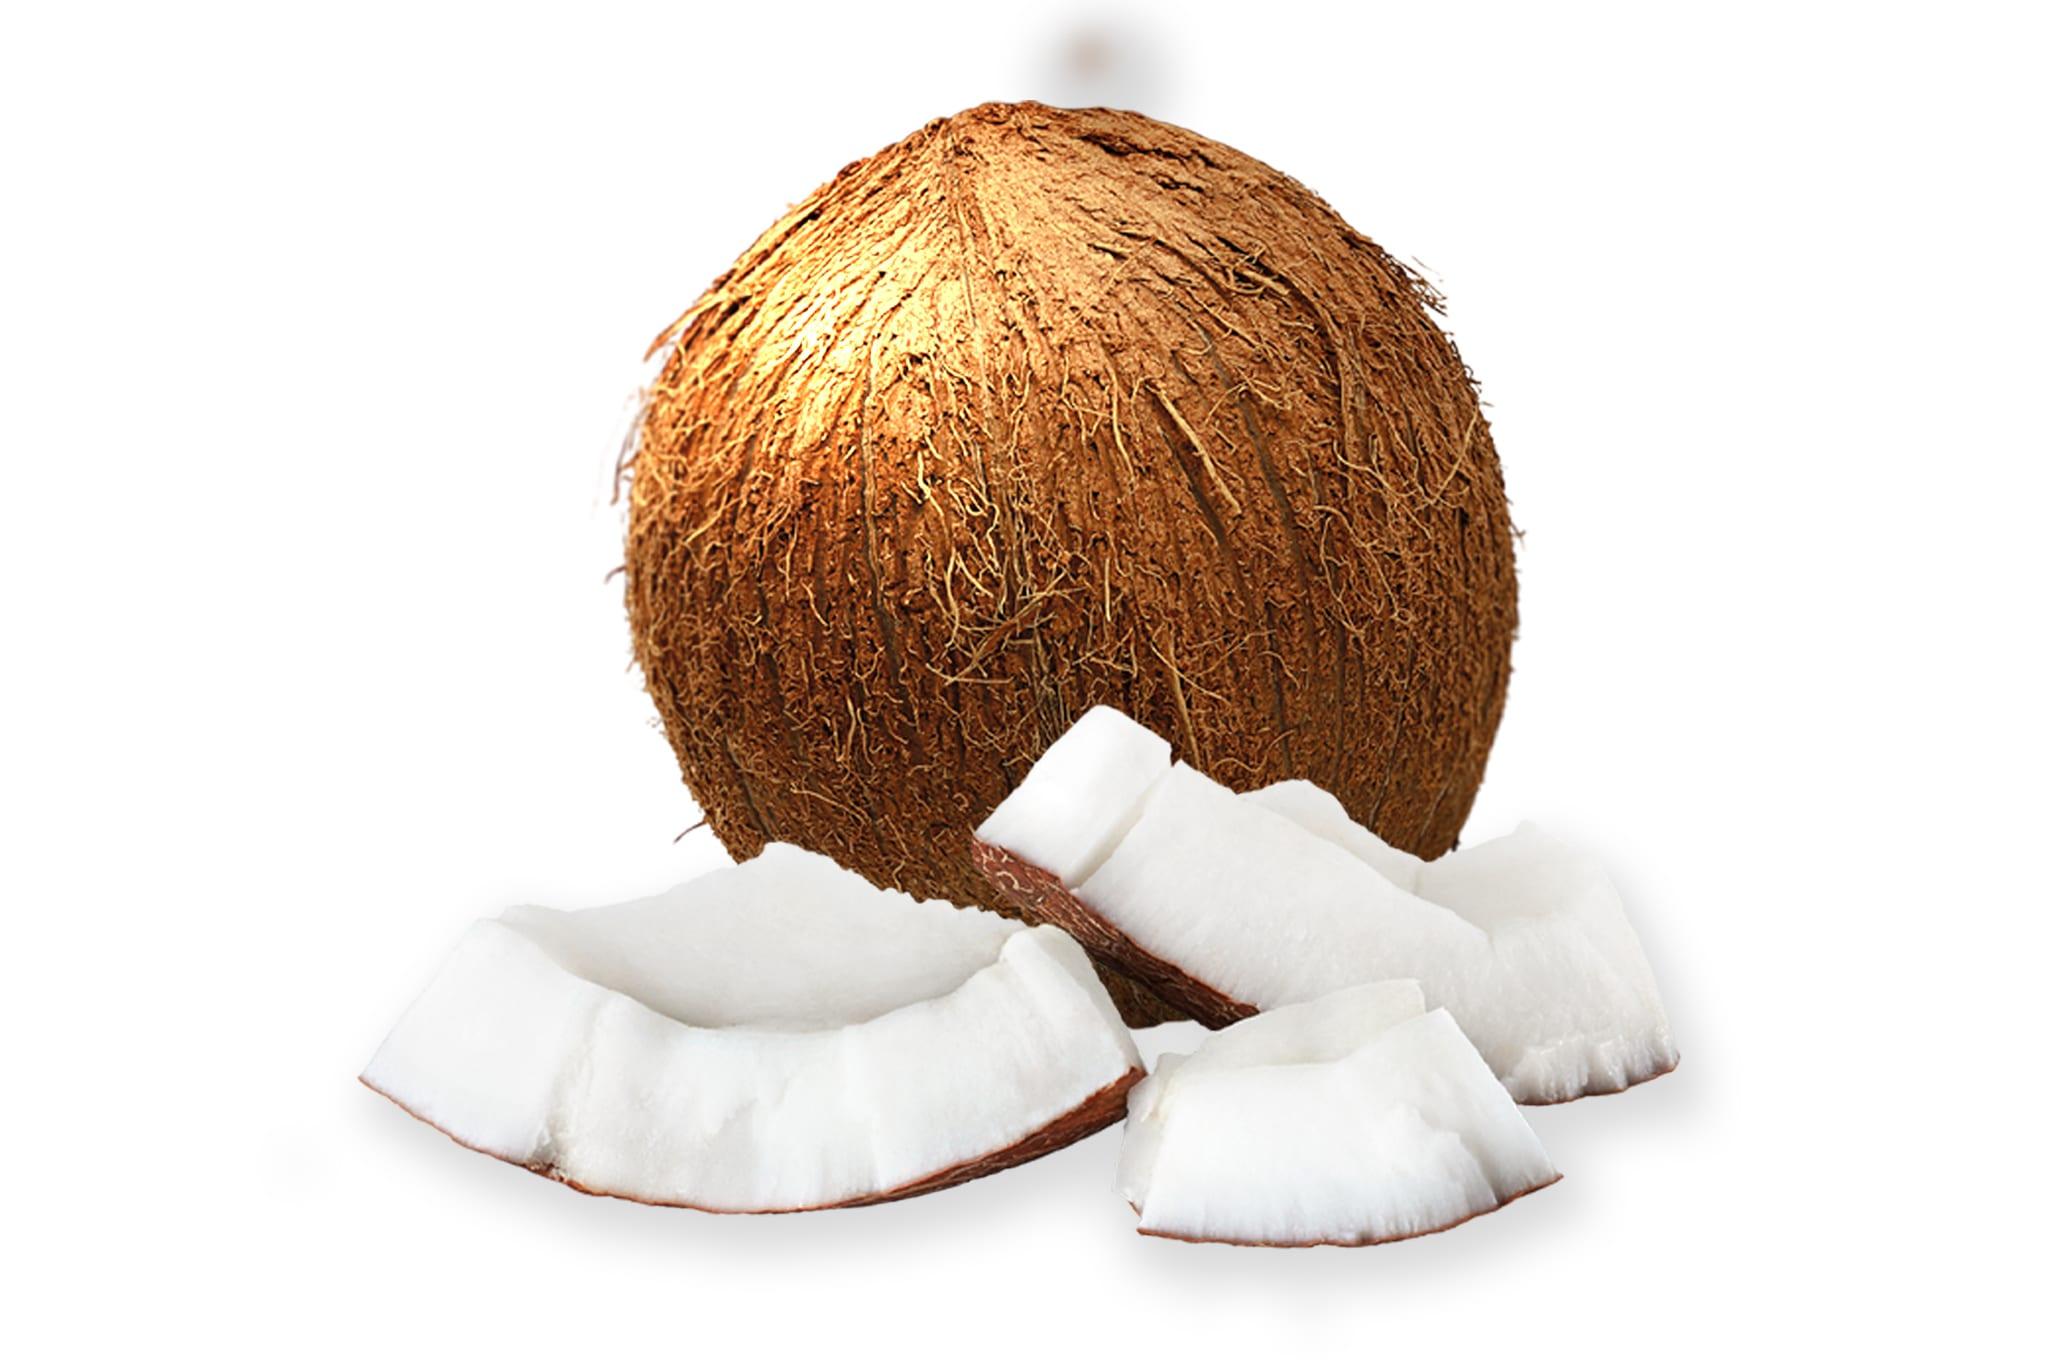 Kokosnoot met kokosstukjes